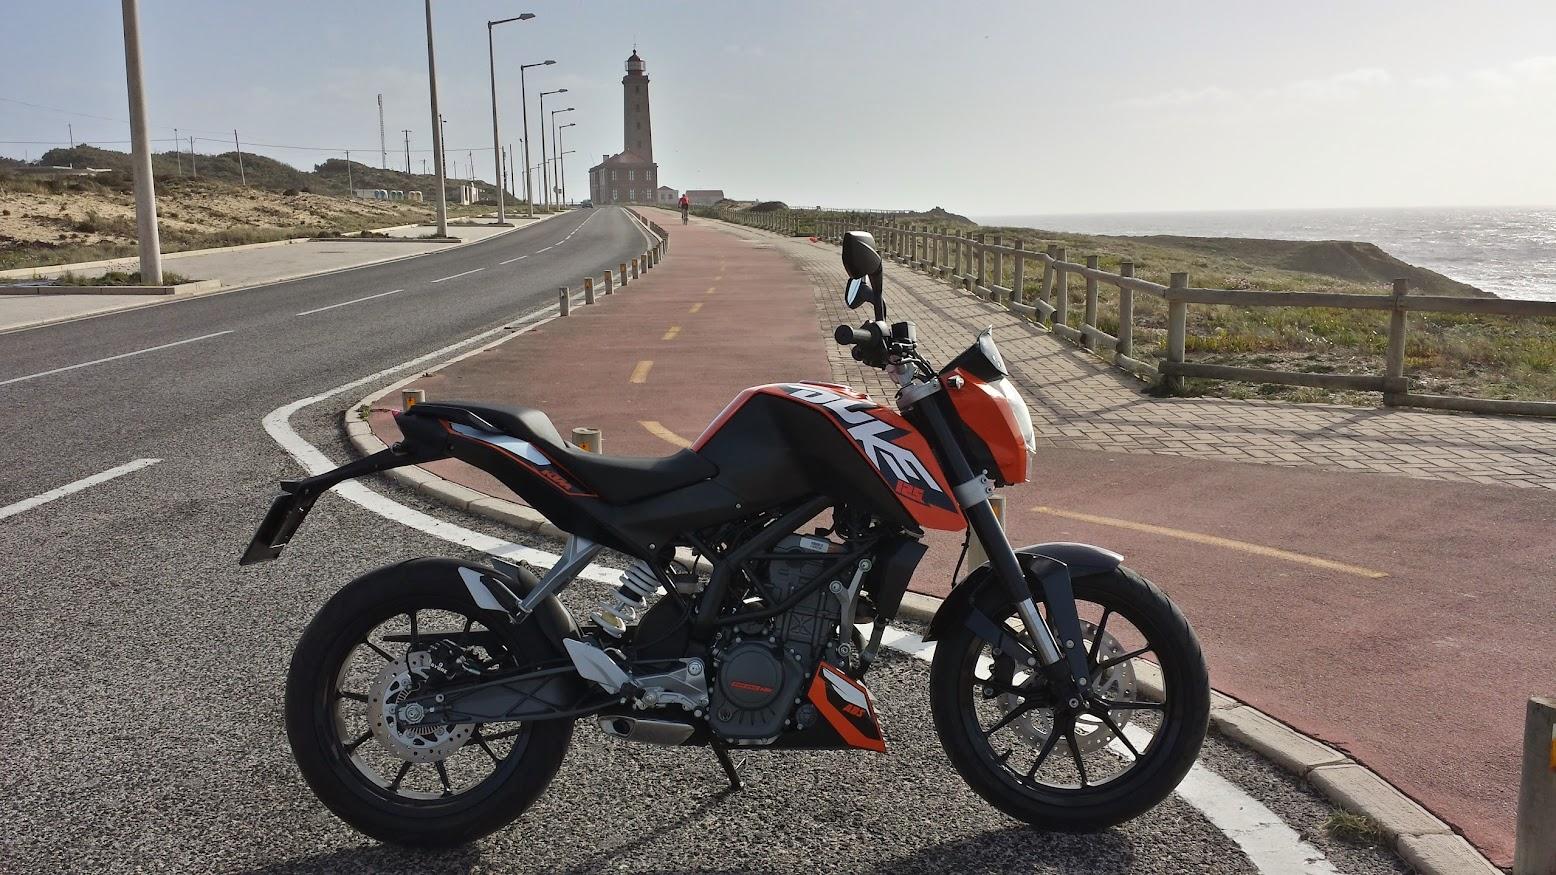 KTM Duke 125 ABS - Leiria 20140324_161825_Richtone%2528HDR%2529